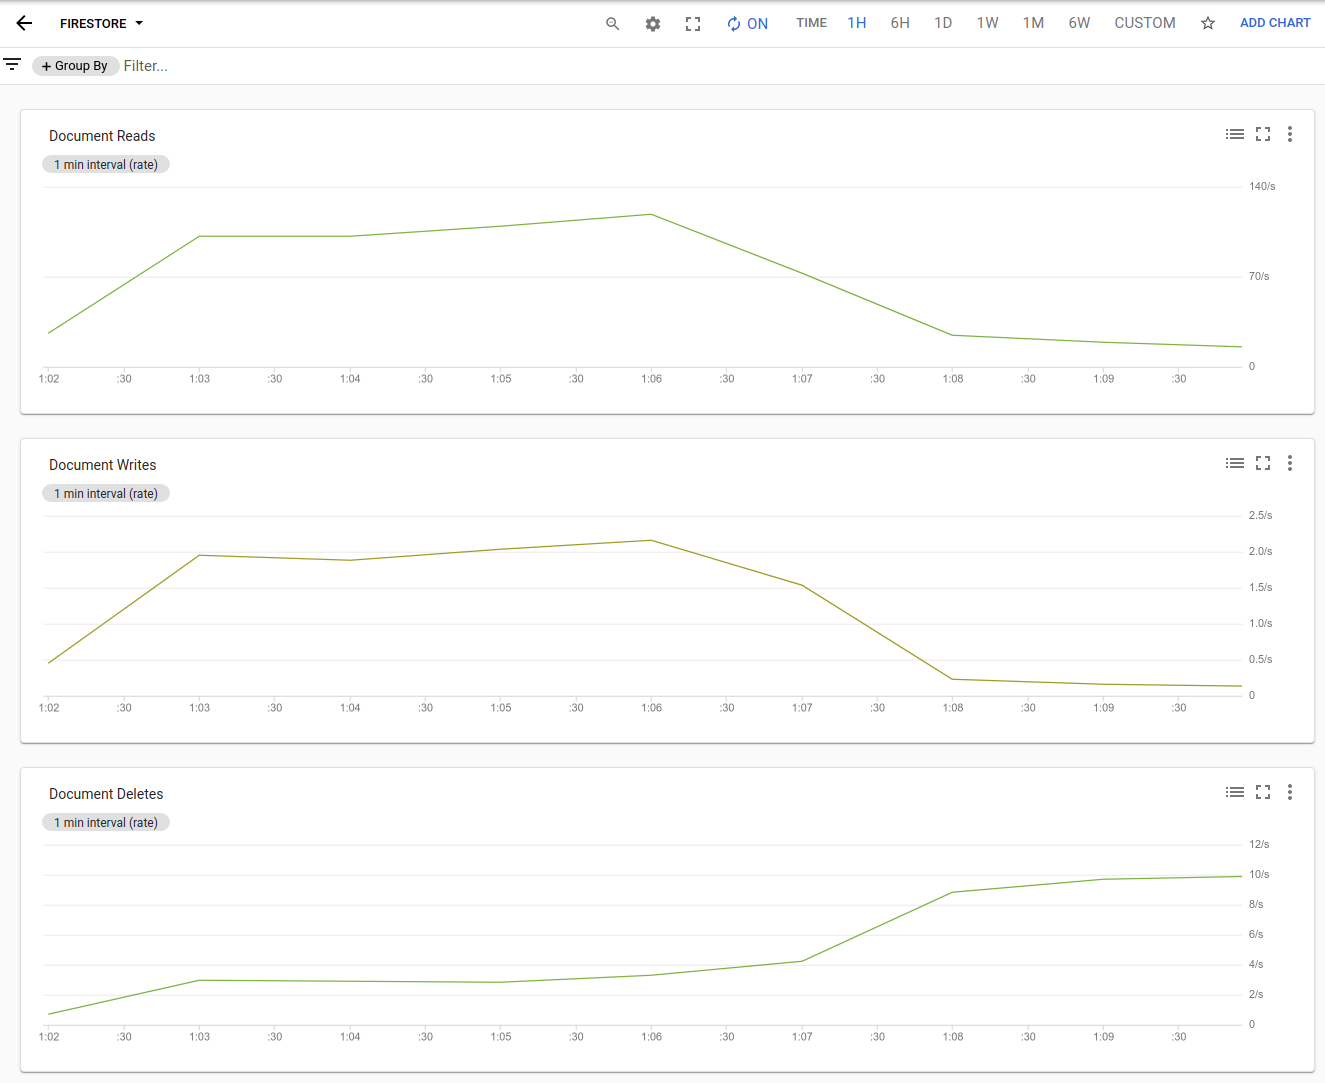 Cloud Monitoring 대시보드의 Firestore 사용량